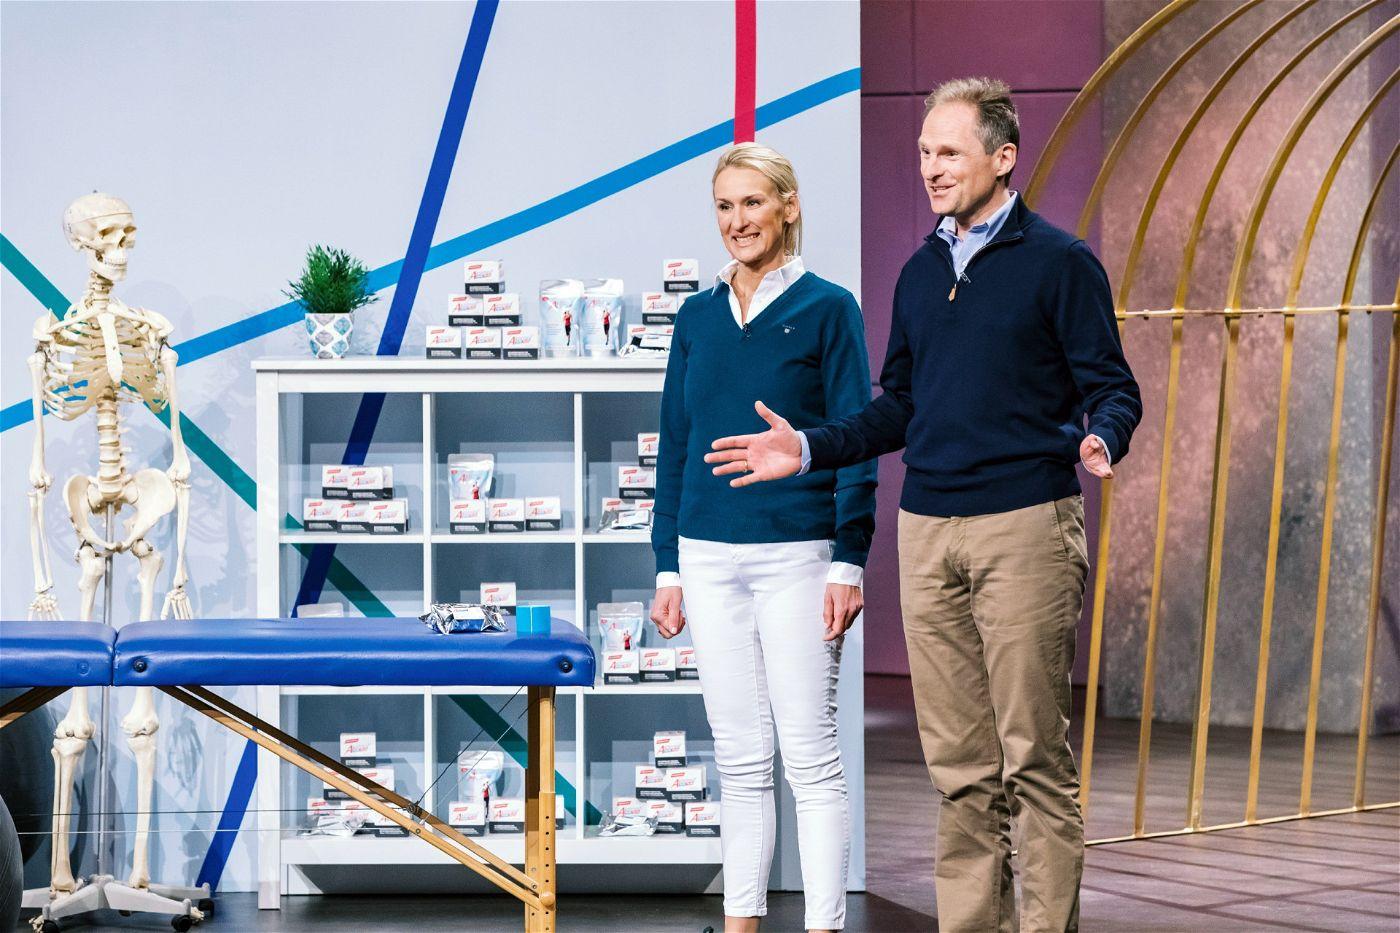 """<p><b>Die Gründer und ihr Produkt</b>: Sabine Kroker und ihr Mann Jens wollen als """"Aktimed"""" verschiedene Tapes und Verbände mit integrierten Wirkstoffen vertreiben.<p><b>Der Wunsch</b>: 150.000 Euro für einen Firmenanteil von zehn Prozent.</p> <p><b>Der Deal</b>: Ralf Dümmel und Carsten Maschmeyer investieren gemeinsam 150.000 Euro für 25 Prozent.</p>"""